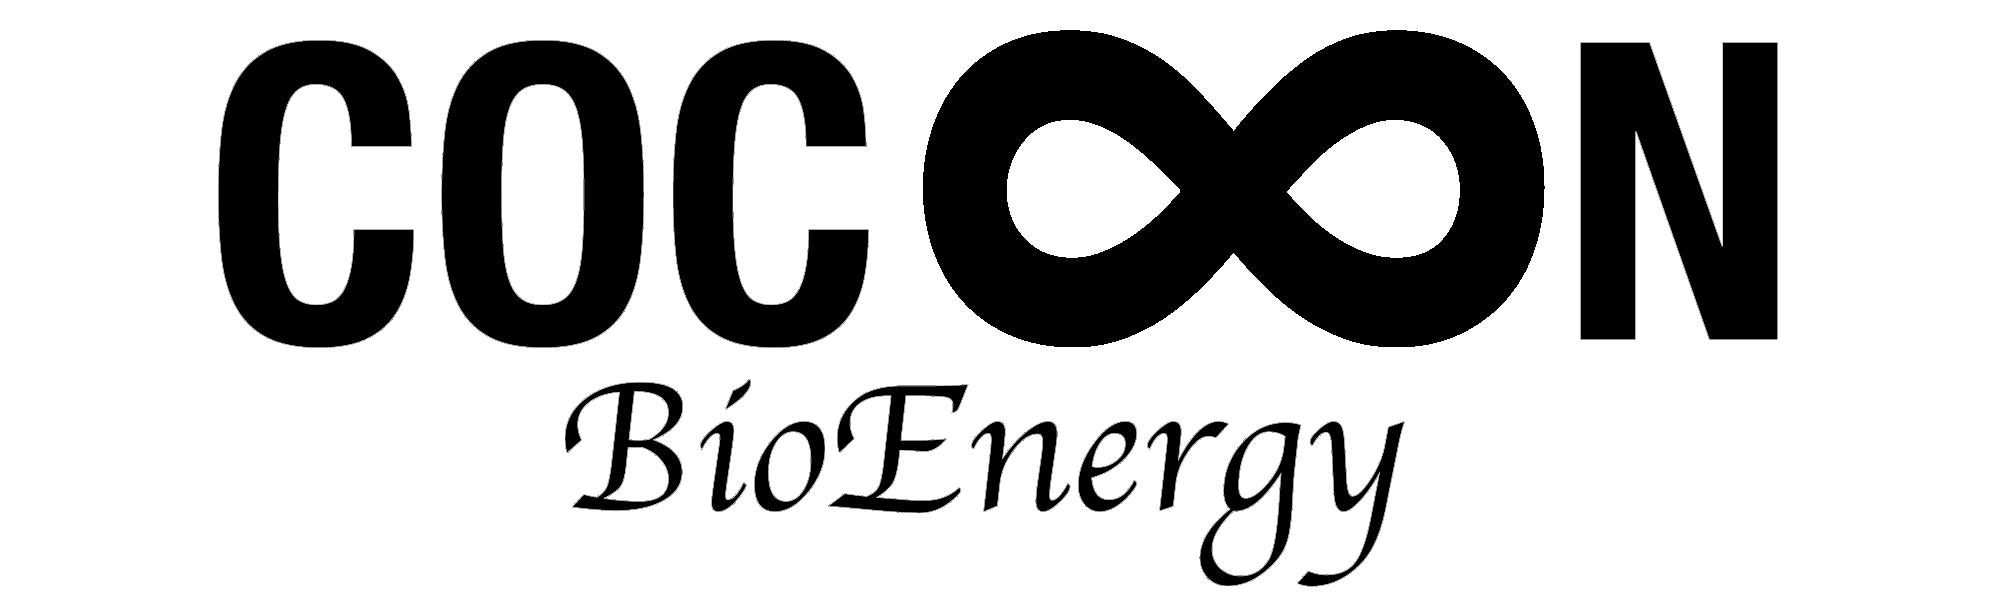 Cocoon Bioenergy